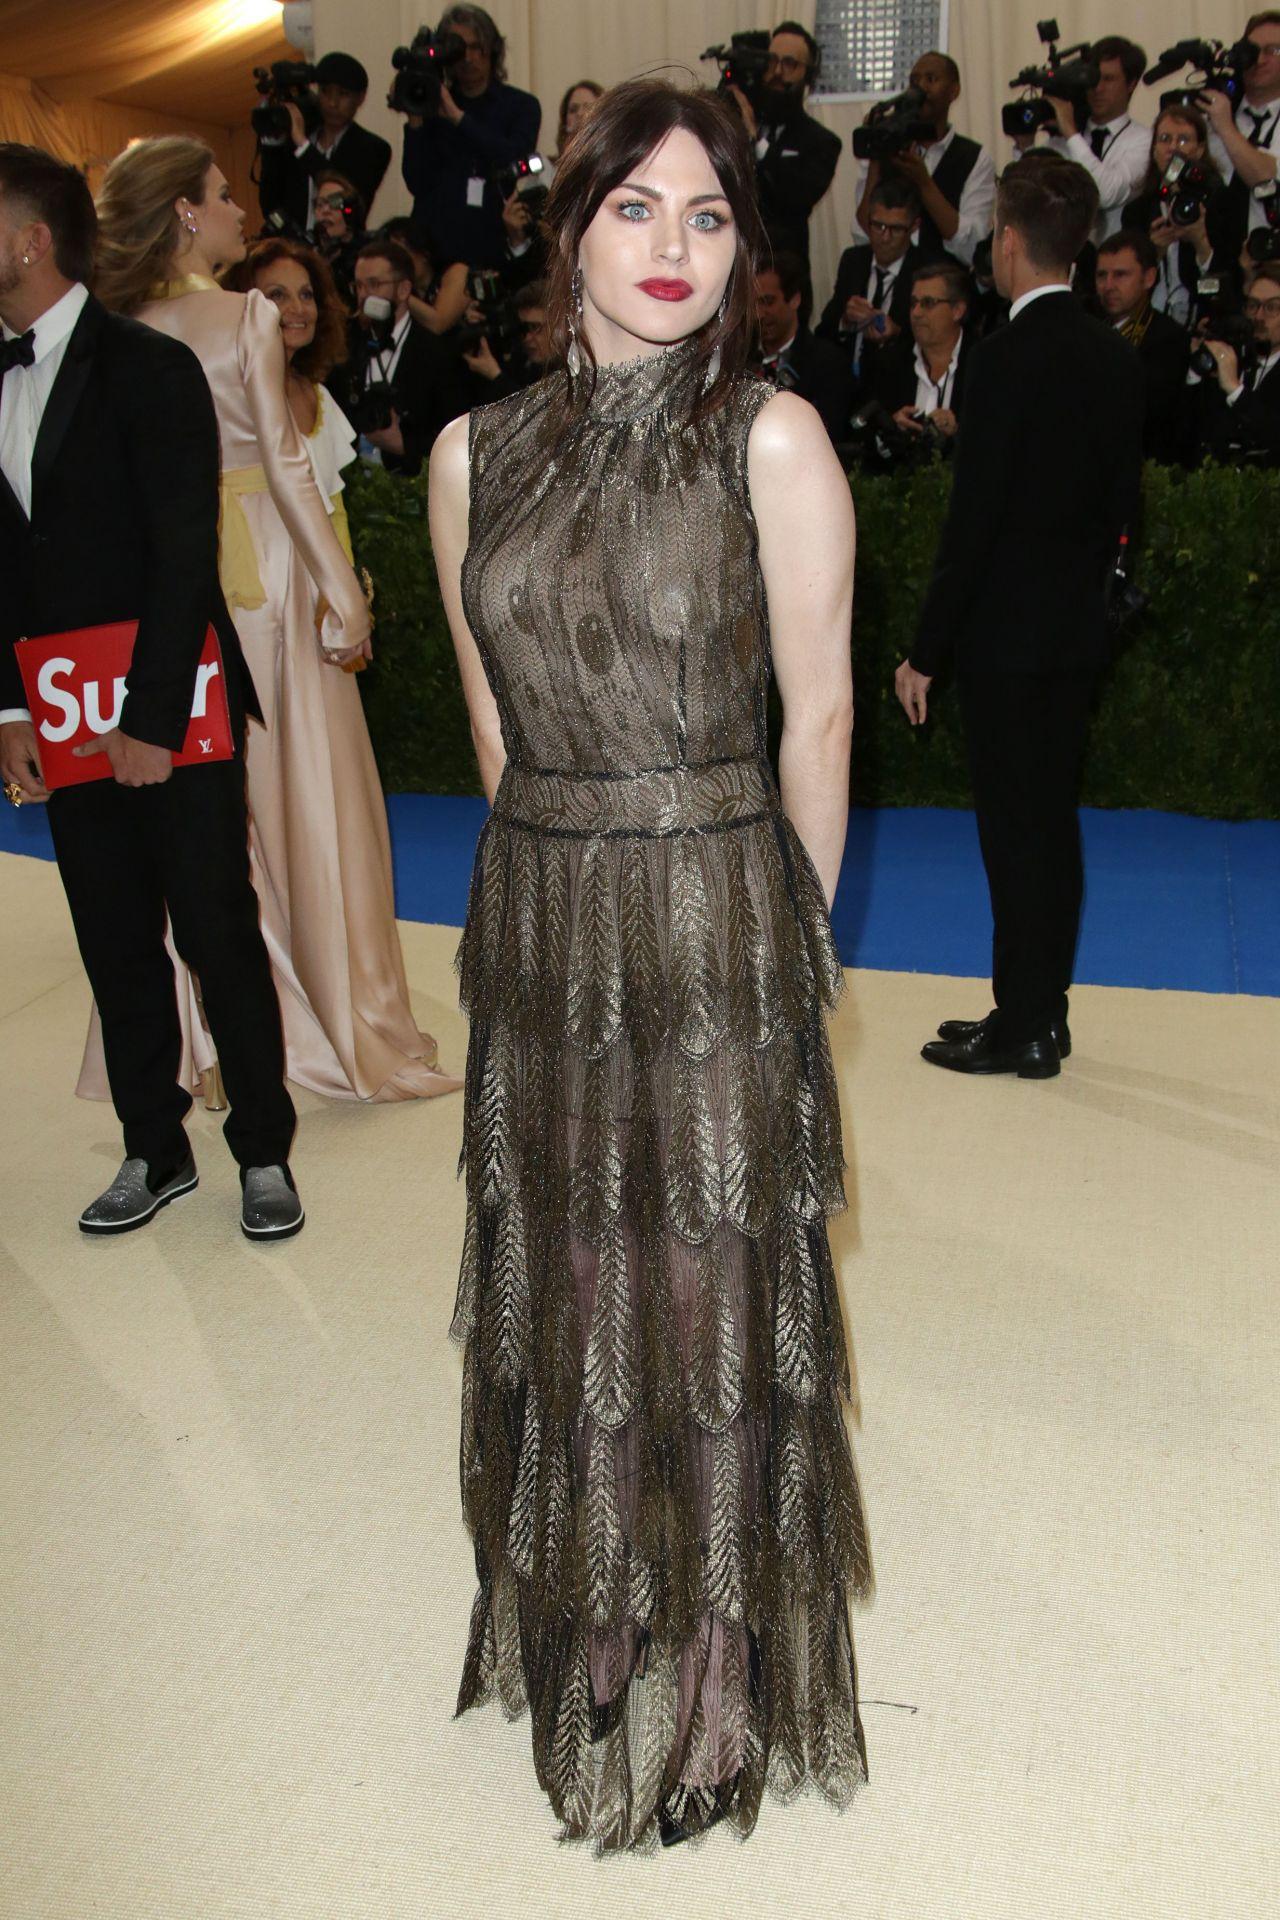 Frances Bean Cobain At Met Costume Institute Gala In New